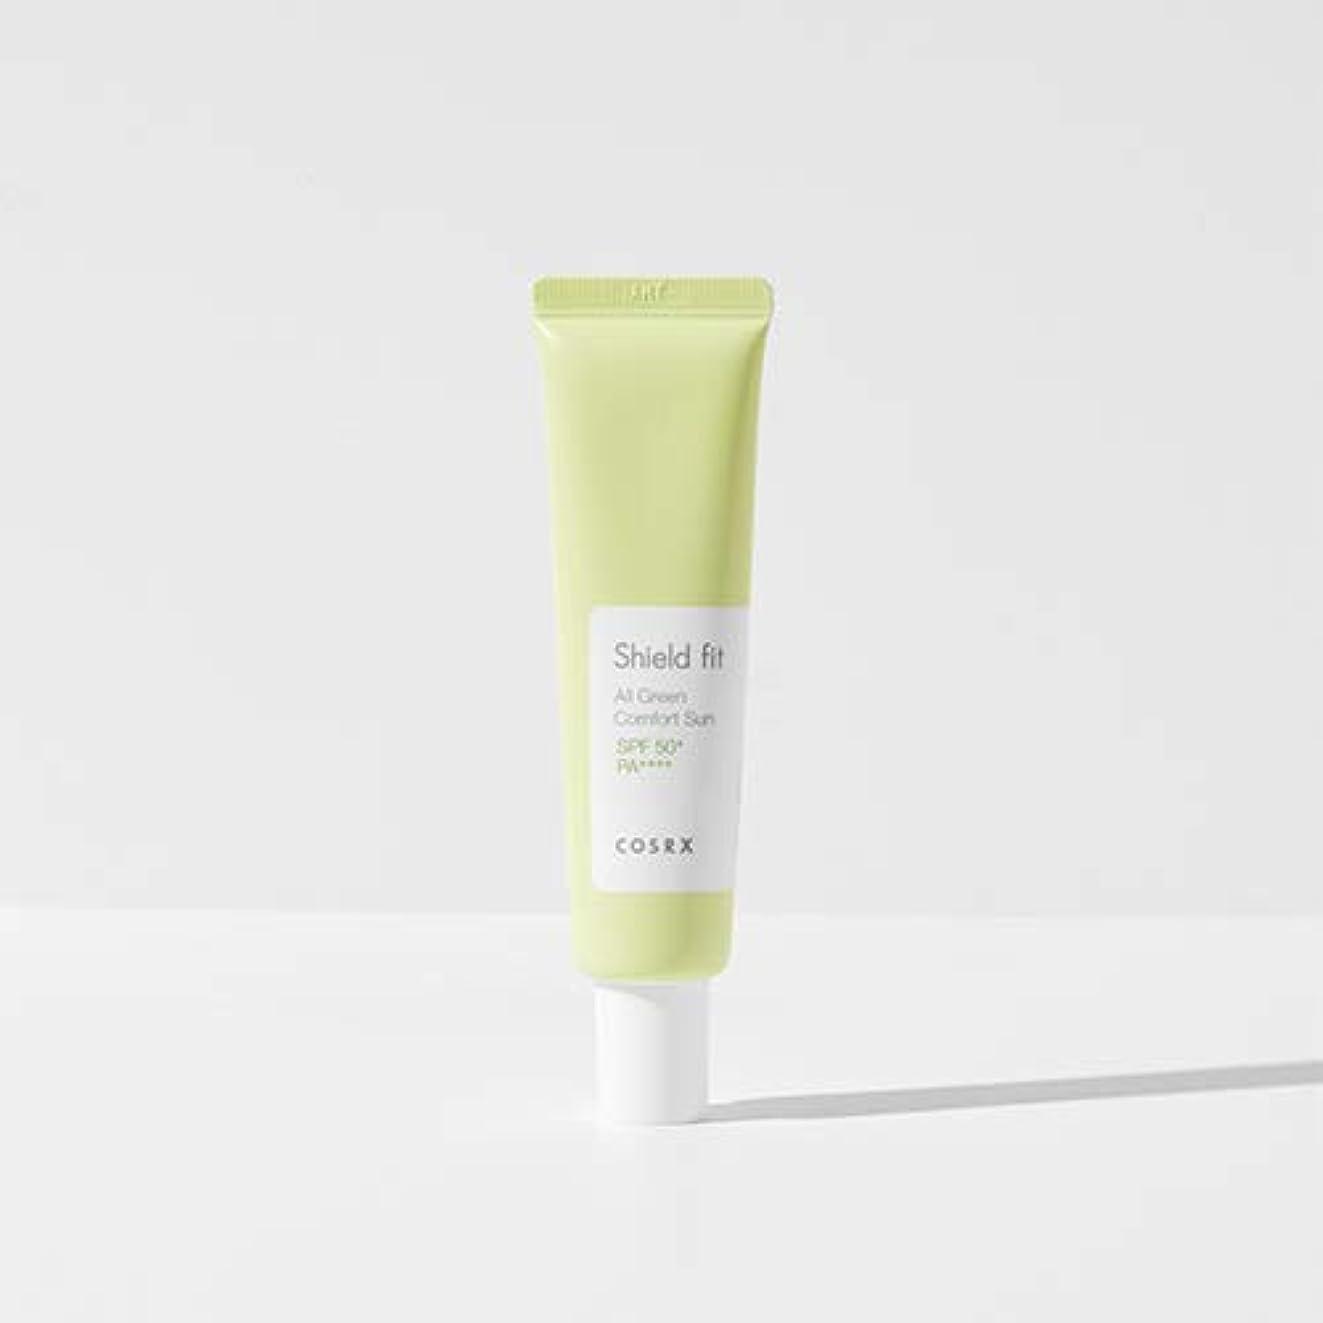 ホイスト雑品不測の事態COSRX シールド フィット オール グリーン コンフォート サン(無機系)/Shield fit All Green Comfort Sun (35ml) [並行輸入品]